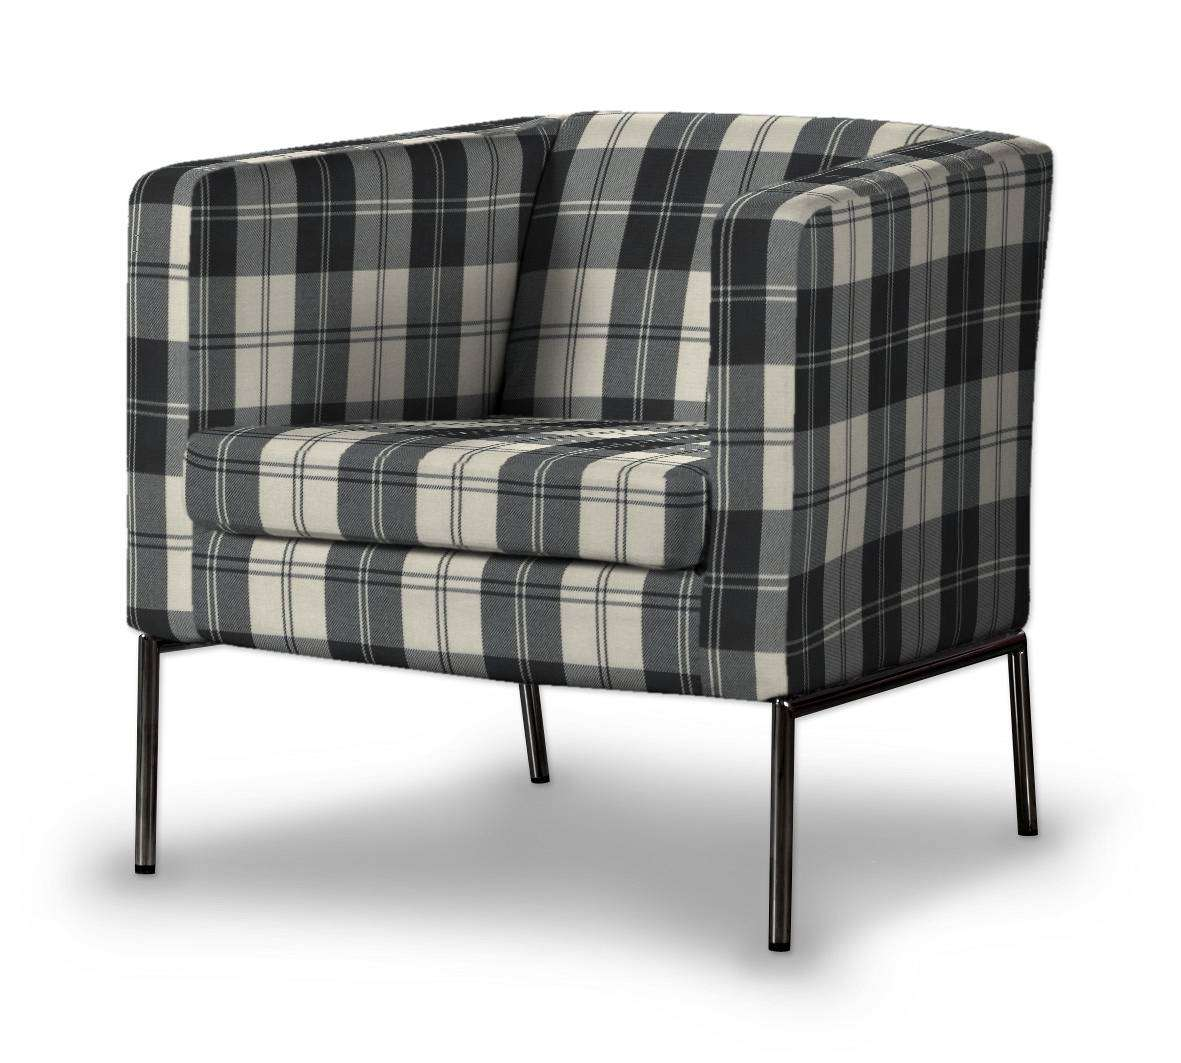 Pokrowiec na fotel Klappsta Fotel Klappsta w kolekcji Edinburgh, tkanina: 115-74